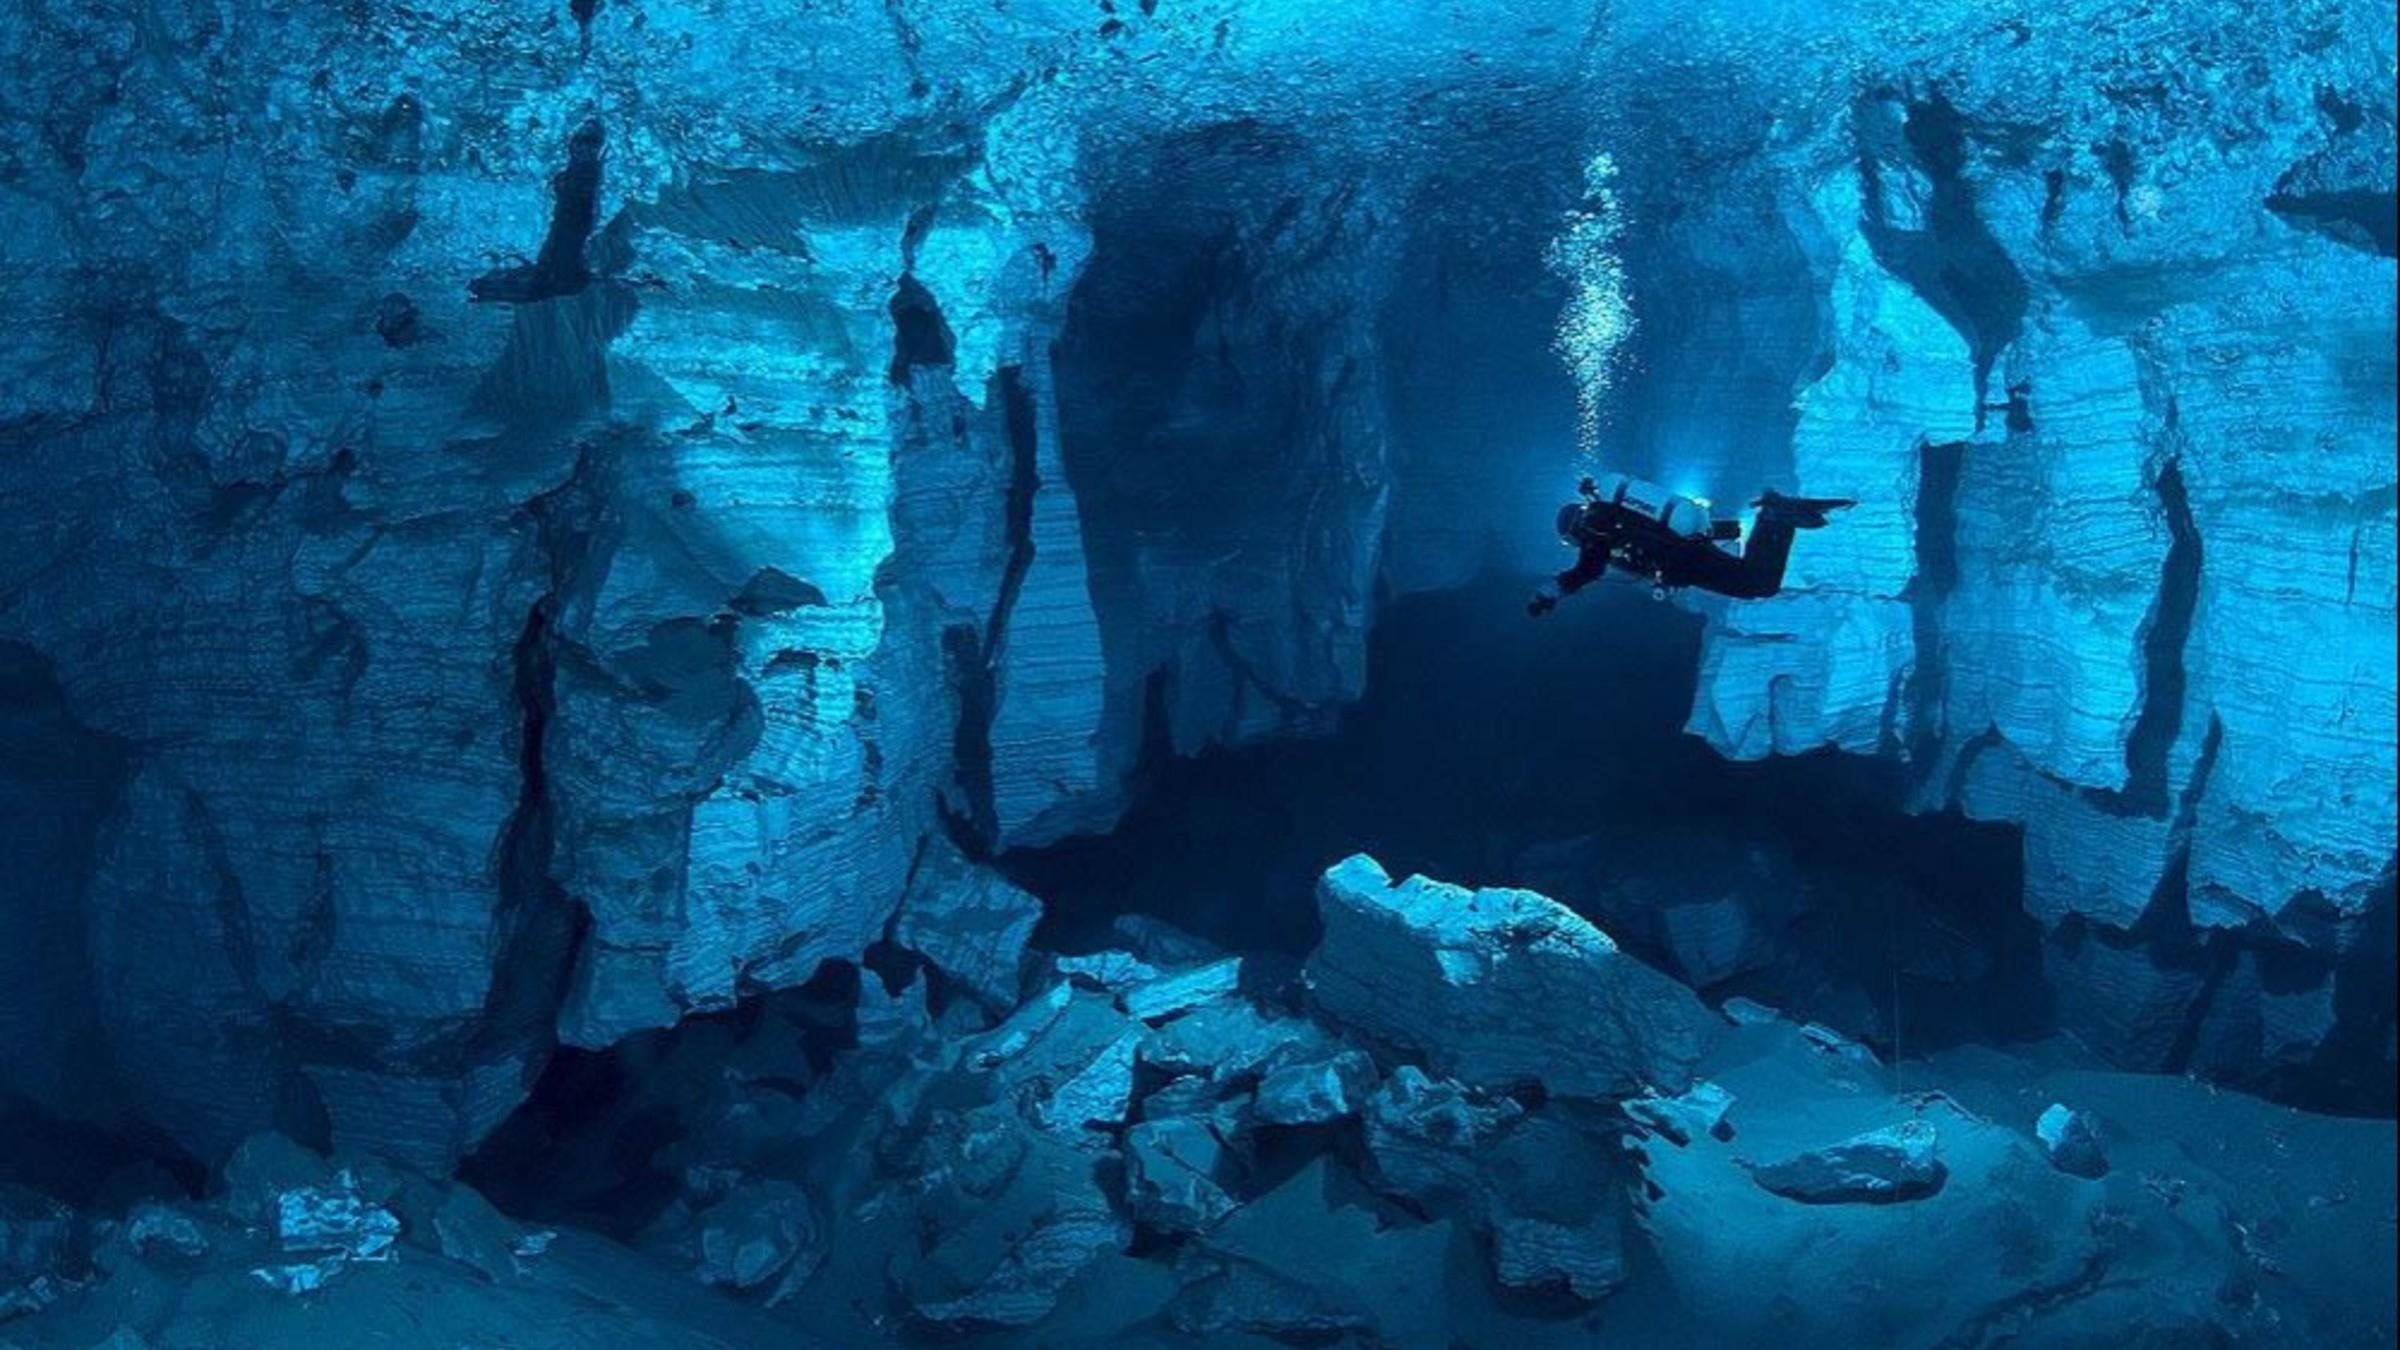 paysages grotte sous-marine russie papier peint | allwallpaper.in